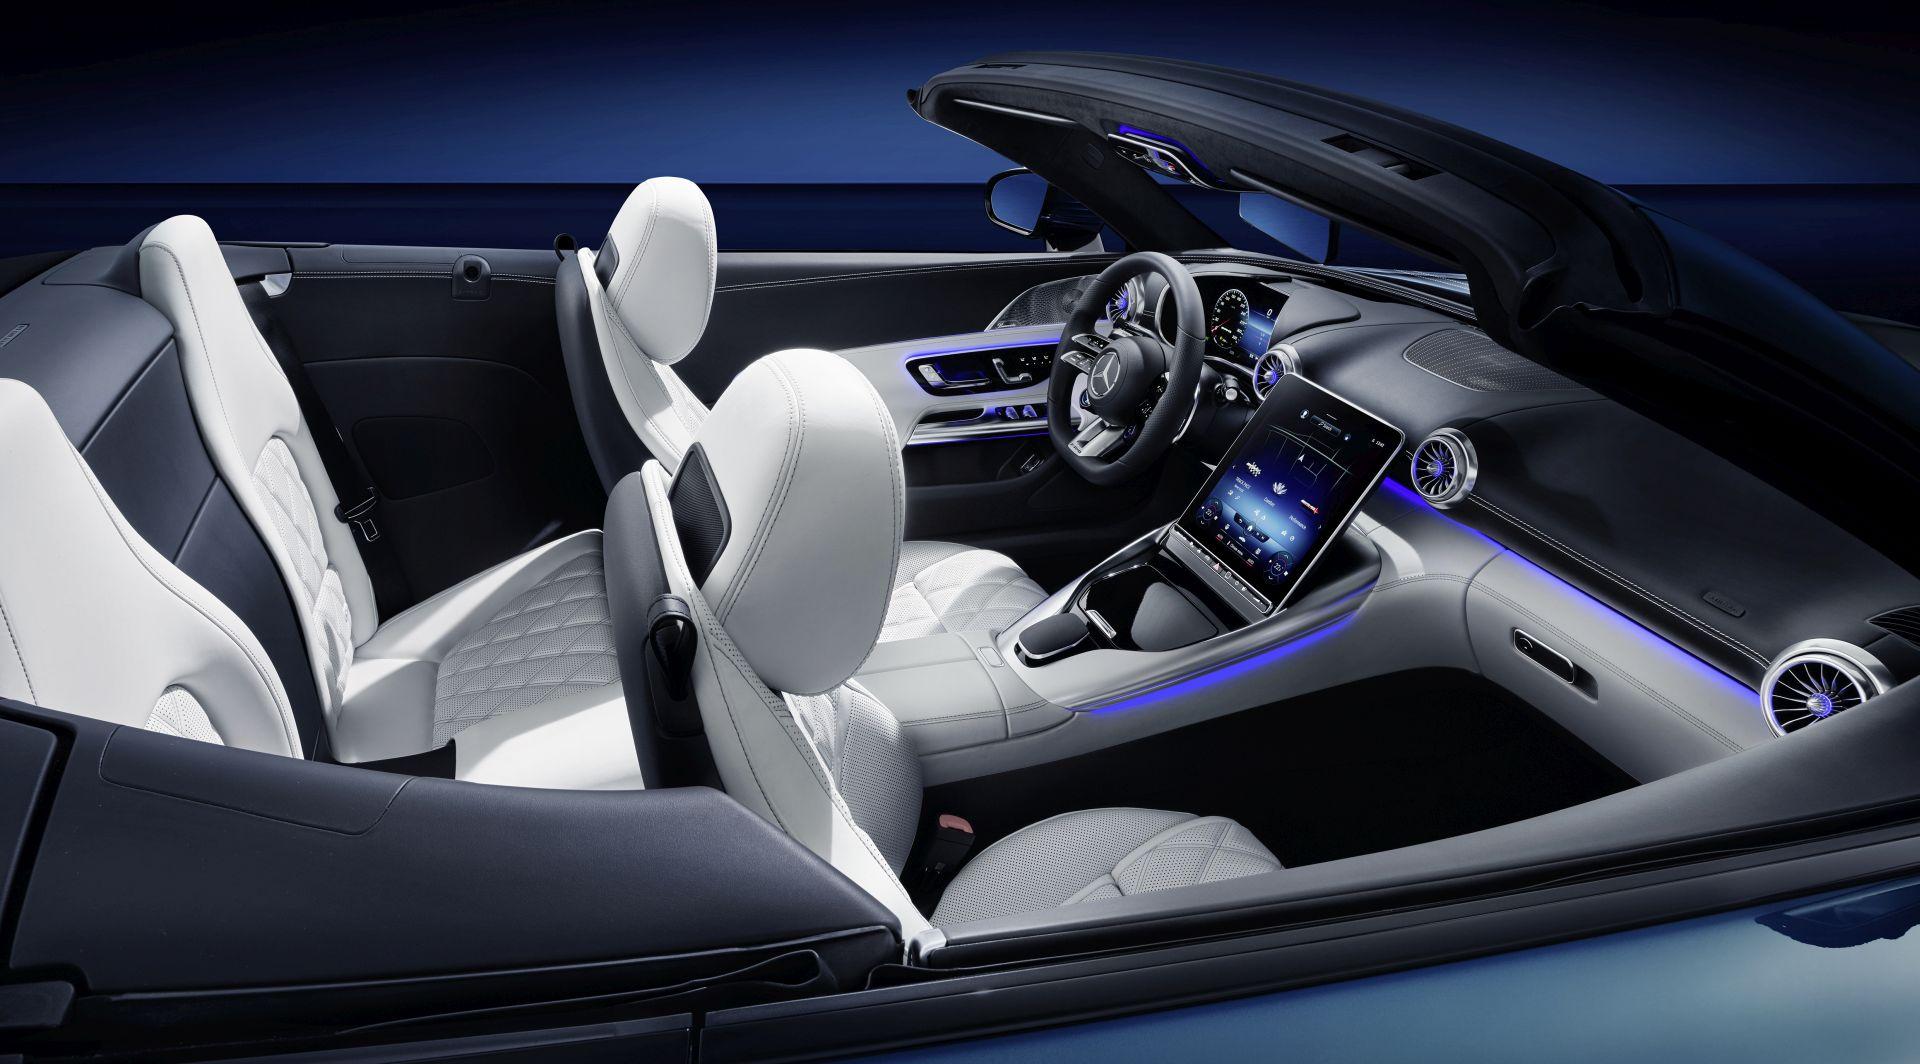 Pogled u unutrašnjost nove generacije modela Mercedes-AMG SL